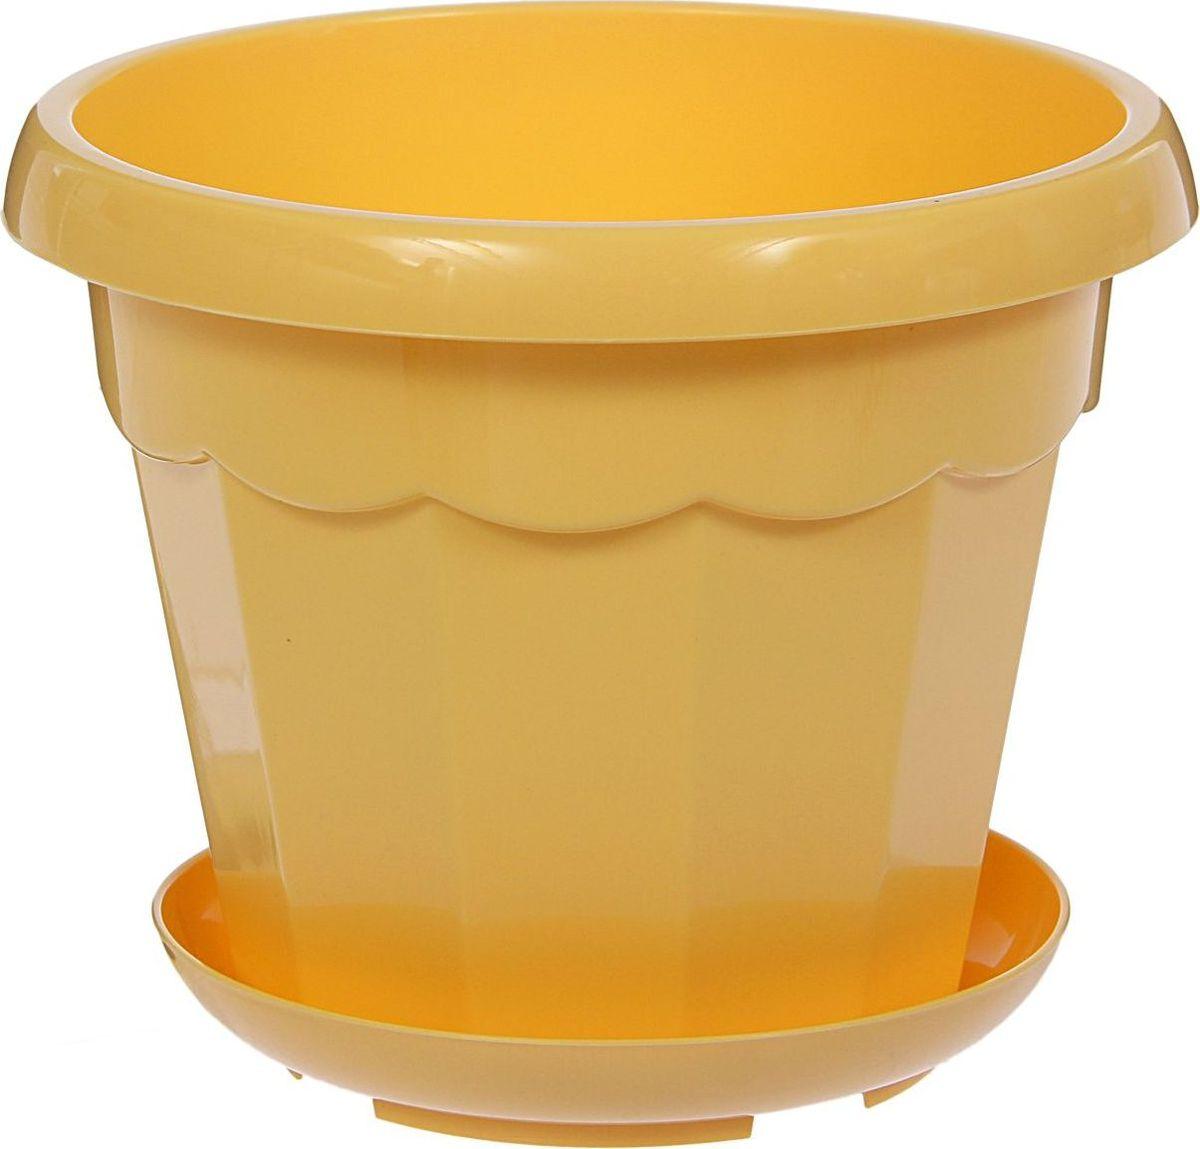 Горшок для цветов Доляна Эрика, с поддоном, цвет: желтый, 1,8 л1355435Любой, даже самый современный и продуманный интерьер будет не завершенным без растений. Они не только очищают воздух и насыщают его кислородом, но и заметно украшают окружающее пространство. Такому полезному члену семьи просто необходимо красивое и функциональное кашпо, оригинальный горшок или необычная ваза! Мы предлагаем - Горшок для цветов 1,8 л с поддоном Эрика, цвет желтый! Оптимальный выбор материала - это пластмасса! Почему мы так считаем? Малый вес. С легкостью переносите горшки и кашпо с места на место, ставьте их на столики или полки, подвешивайте под потолок, не беспокоясь о нагрузке. Простота ухода. Пластиковые изделия не нуждаются в специальных условиях хранения. Их легко чистить достаточно просто сполоснуть теплой водой. Никаких царапин. Пластиковые кашпо не царапают и не загрязняют поверхности, на которых стоят. Пластик дольше хранит влагу, а значит растение реже нуждается в поливе. Пластмасса не пропускает воздух корневой системе растения не грозят резкие перепады температур. Огромный выбор форм, декора и расцветок вы без труда подберете что-то, что идеально впишется в уже существующий интерьер. Соблюдая нехитрые правила ухода, вы можете заметно продлить срок службы горшков, вазонов и кашпо из пластика: всегда учитывайте размер кроны и корневой системы растения (при разрастании большое растение способно повредить маленький горшок) берегите изделие от воздействия прямых солнечных лучей, чтобы кашпо и горшки не выцветали держите кашпо и горшки из пластика подальше от нагревающихся поверхностей. Создавайте прекрасные цветочные композиции, выращивайте рассаду или необычные растения, а низкие цены позволят вам не ограничивать себя в выборе.